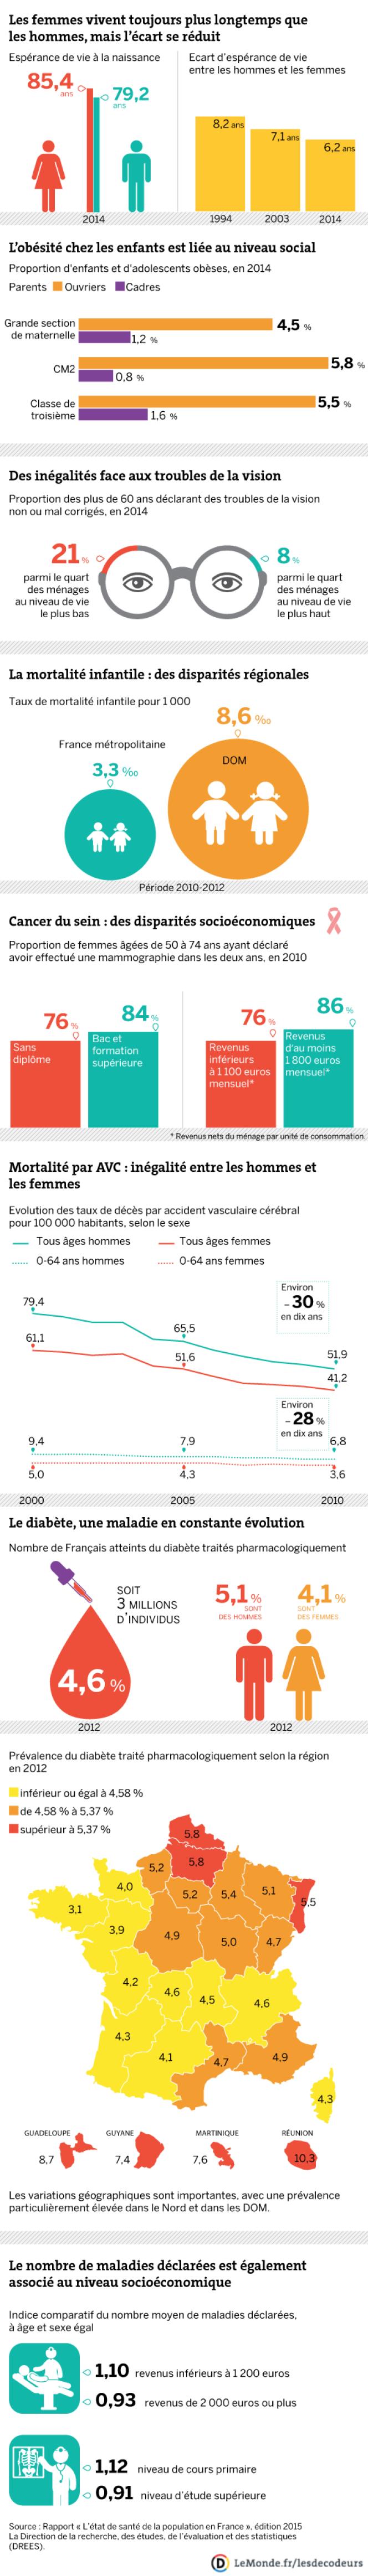 Les Français en bonne santé mais des inégalités subsistent.